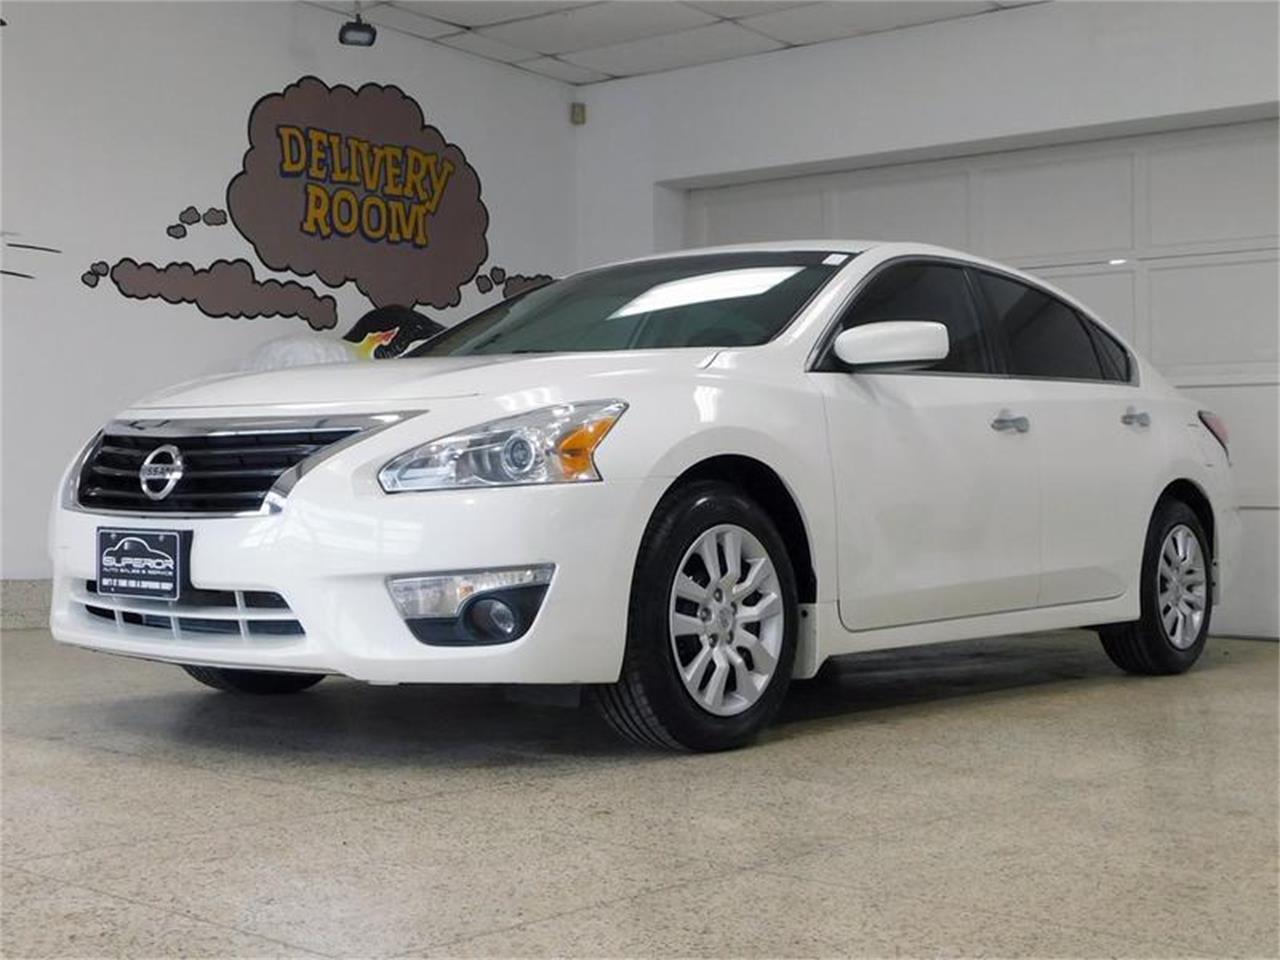 2014 Nissan Altima For Sale >> 2014 Nissan Altima For Sale Classiccars Com Cc 1222575